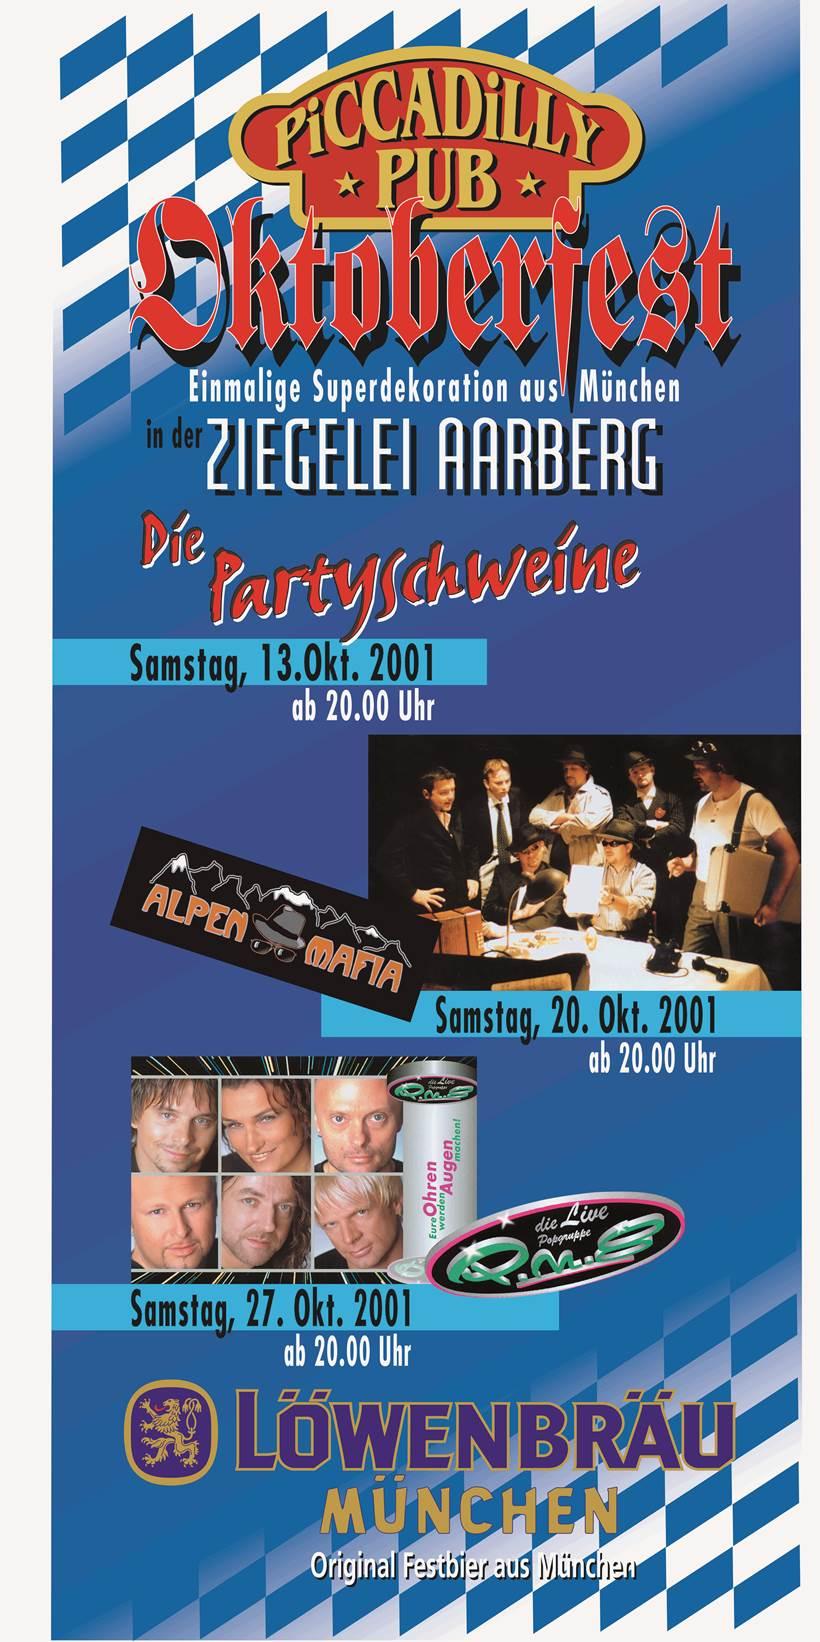 Oktoberfest_Aarberg_2001